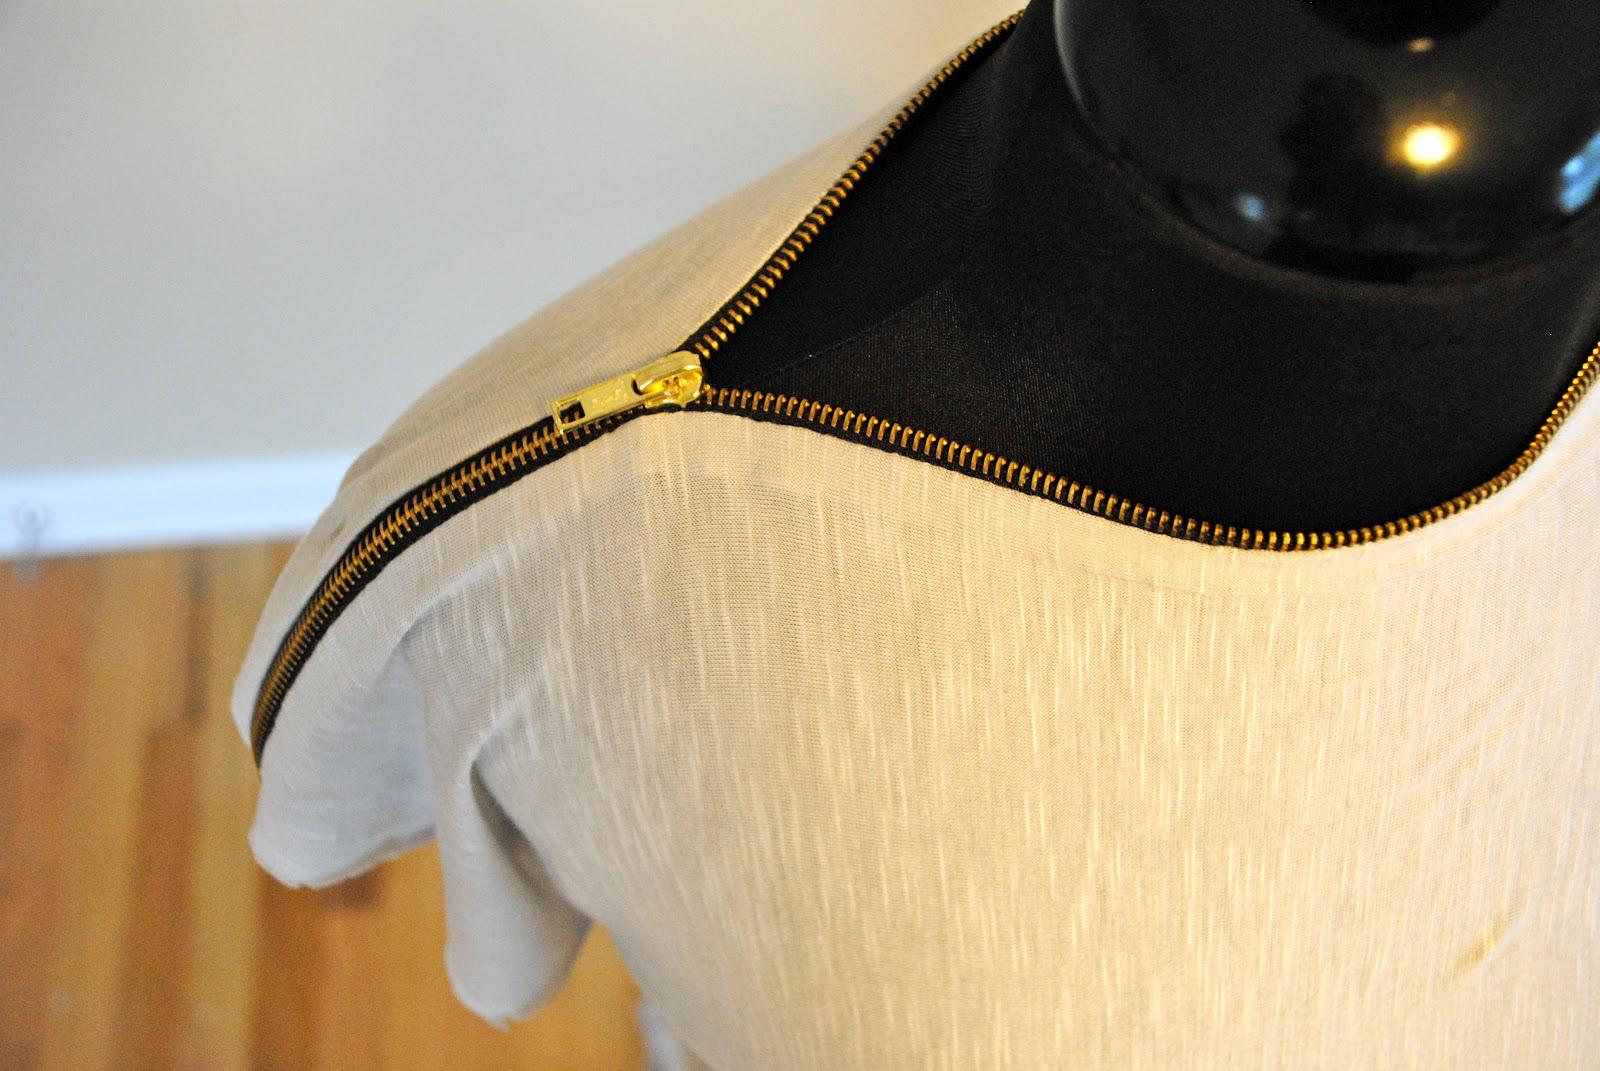 A Zipper Blouse from a T-shirt